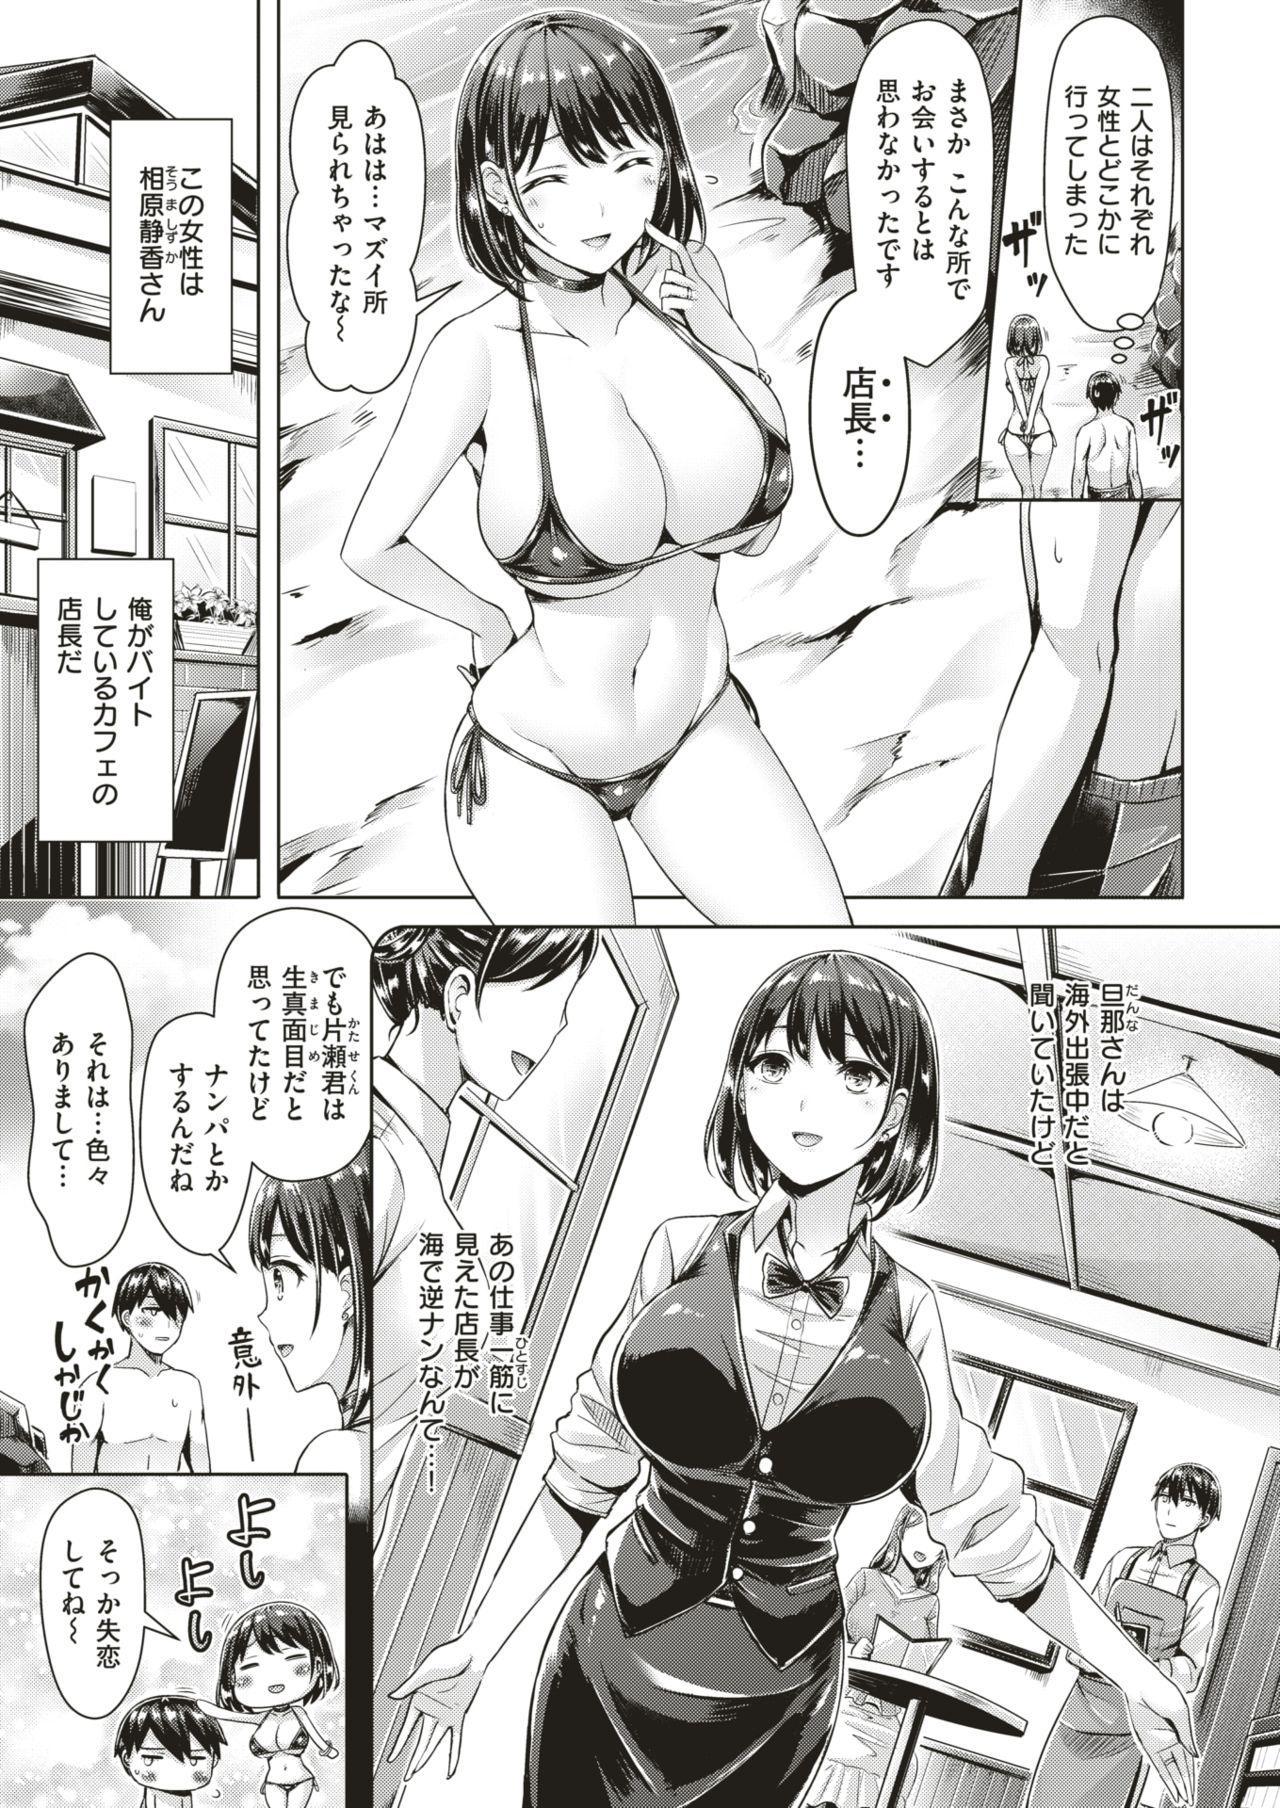 COMIC Kairakuten BEAST 2018-08 9